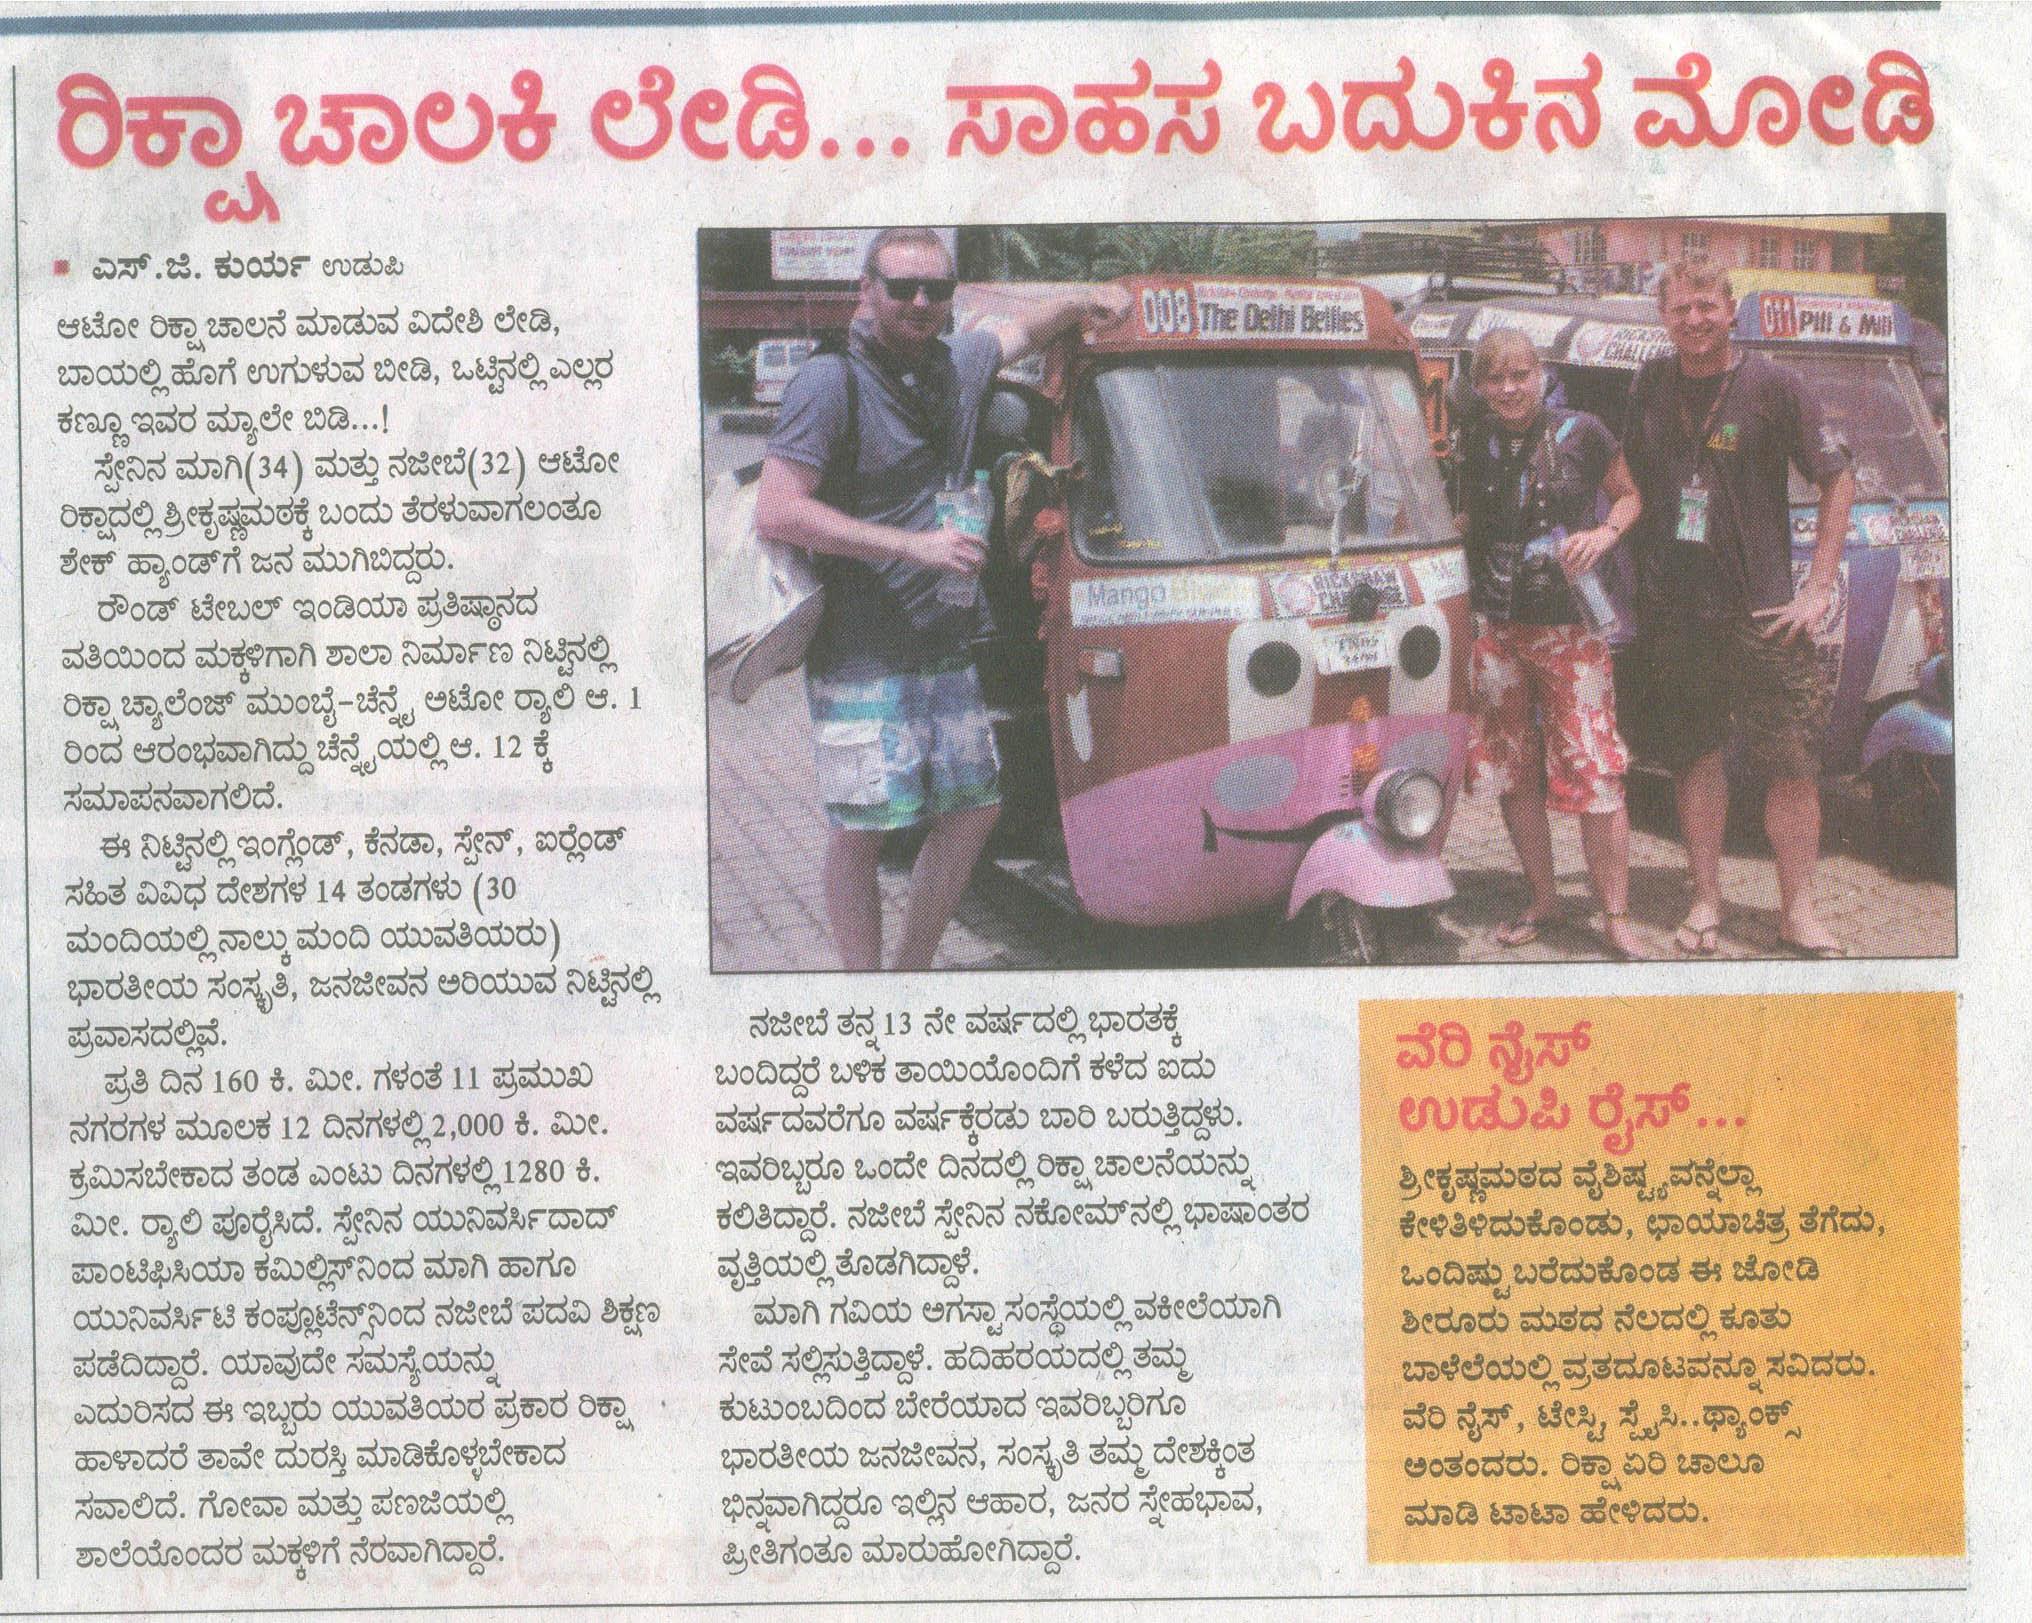 vijaya karnataka hubli dharwad edition